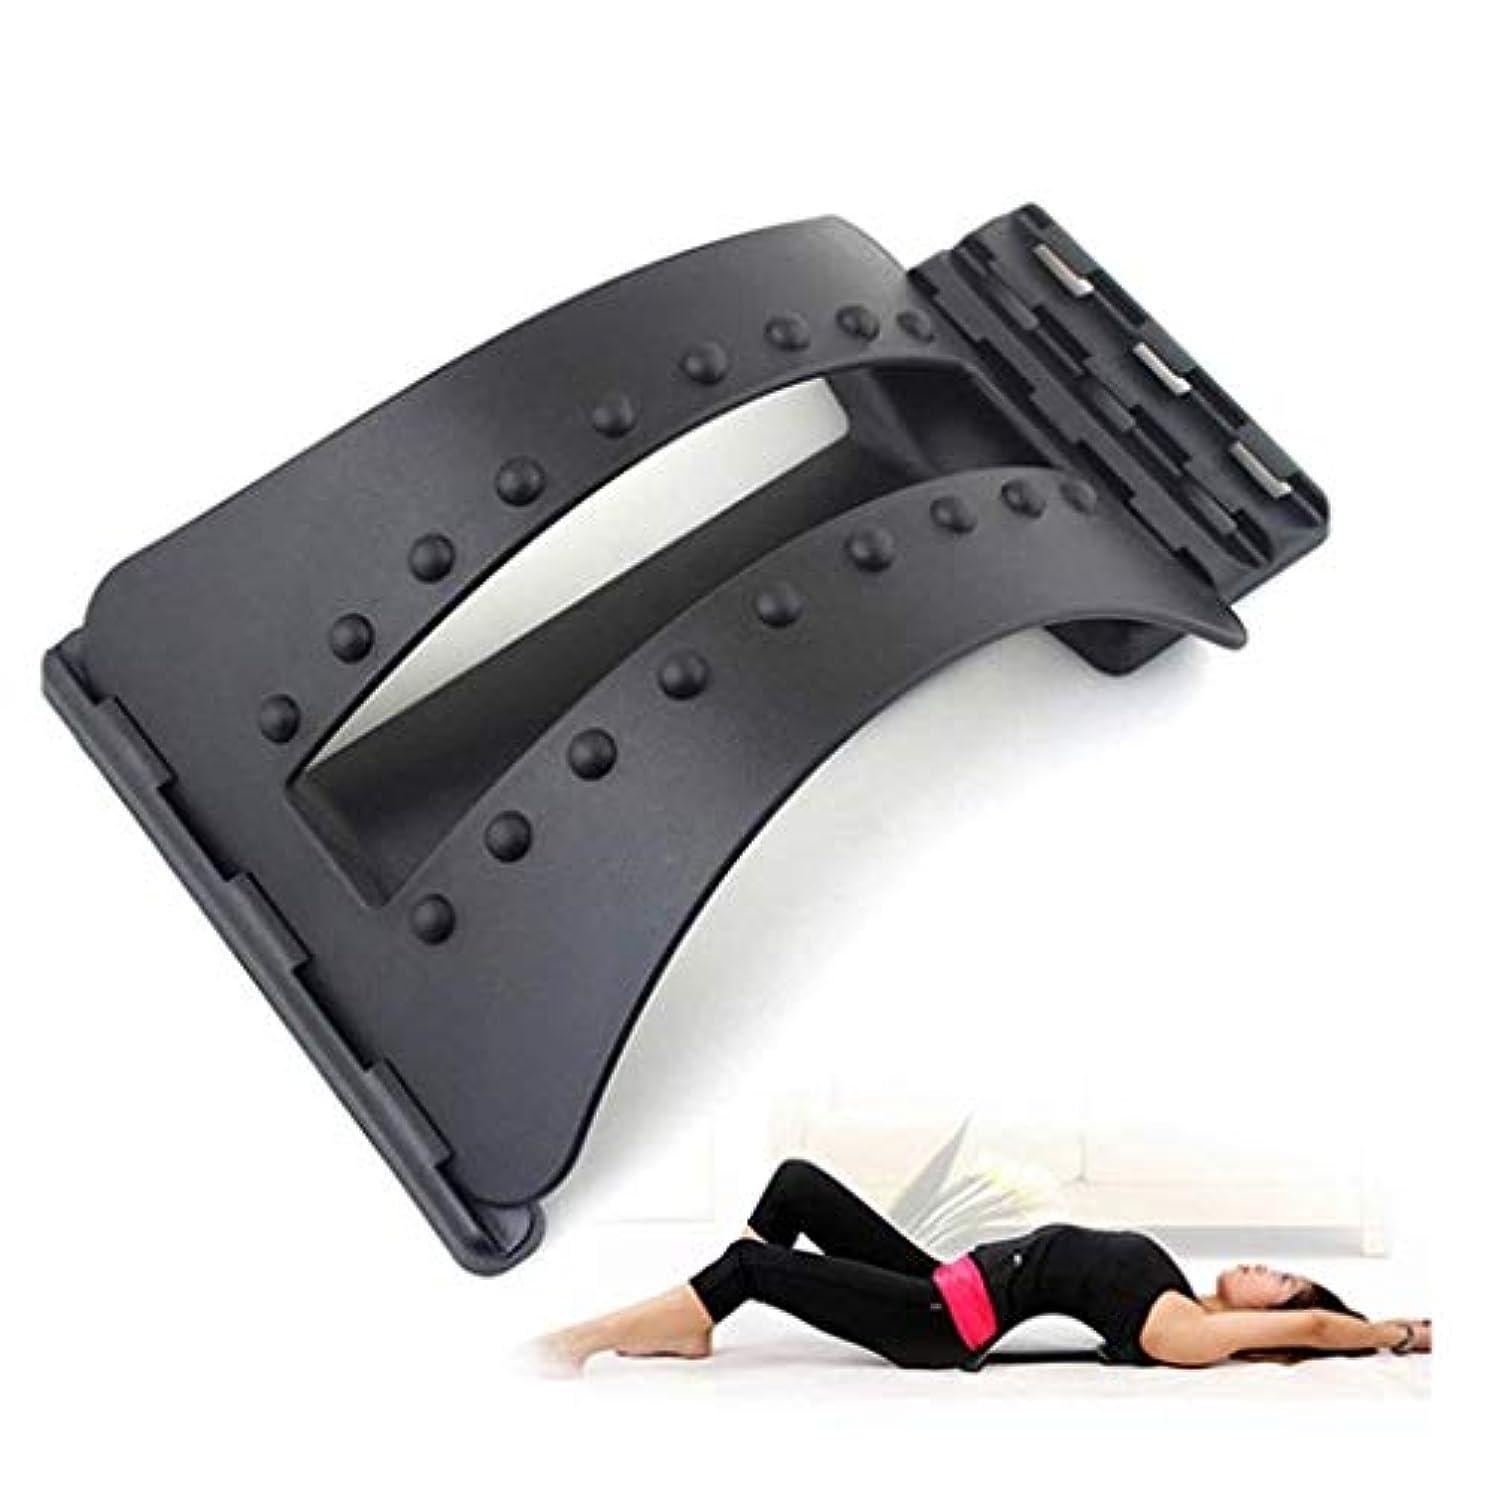 傑出したかまど後悔バックマッサージ、マジックバックサポートとストレッチストレッチャーマジックストレッチャーバックストレッチャー腰椎サポートデバイスリラクゼーションパートナー脊椎の痛みを軽減する脊椎マッサージ療法